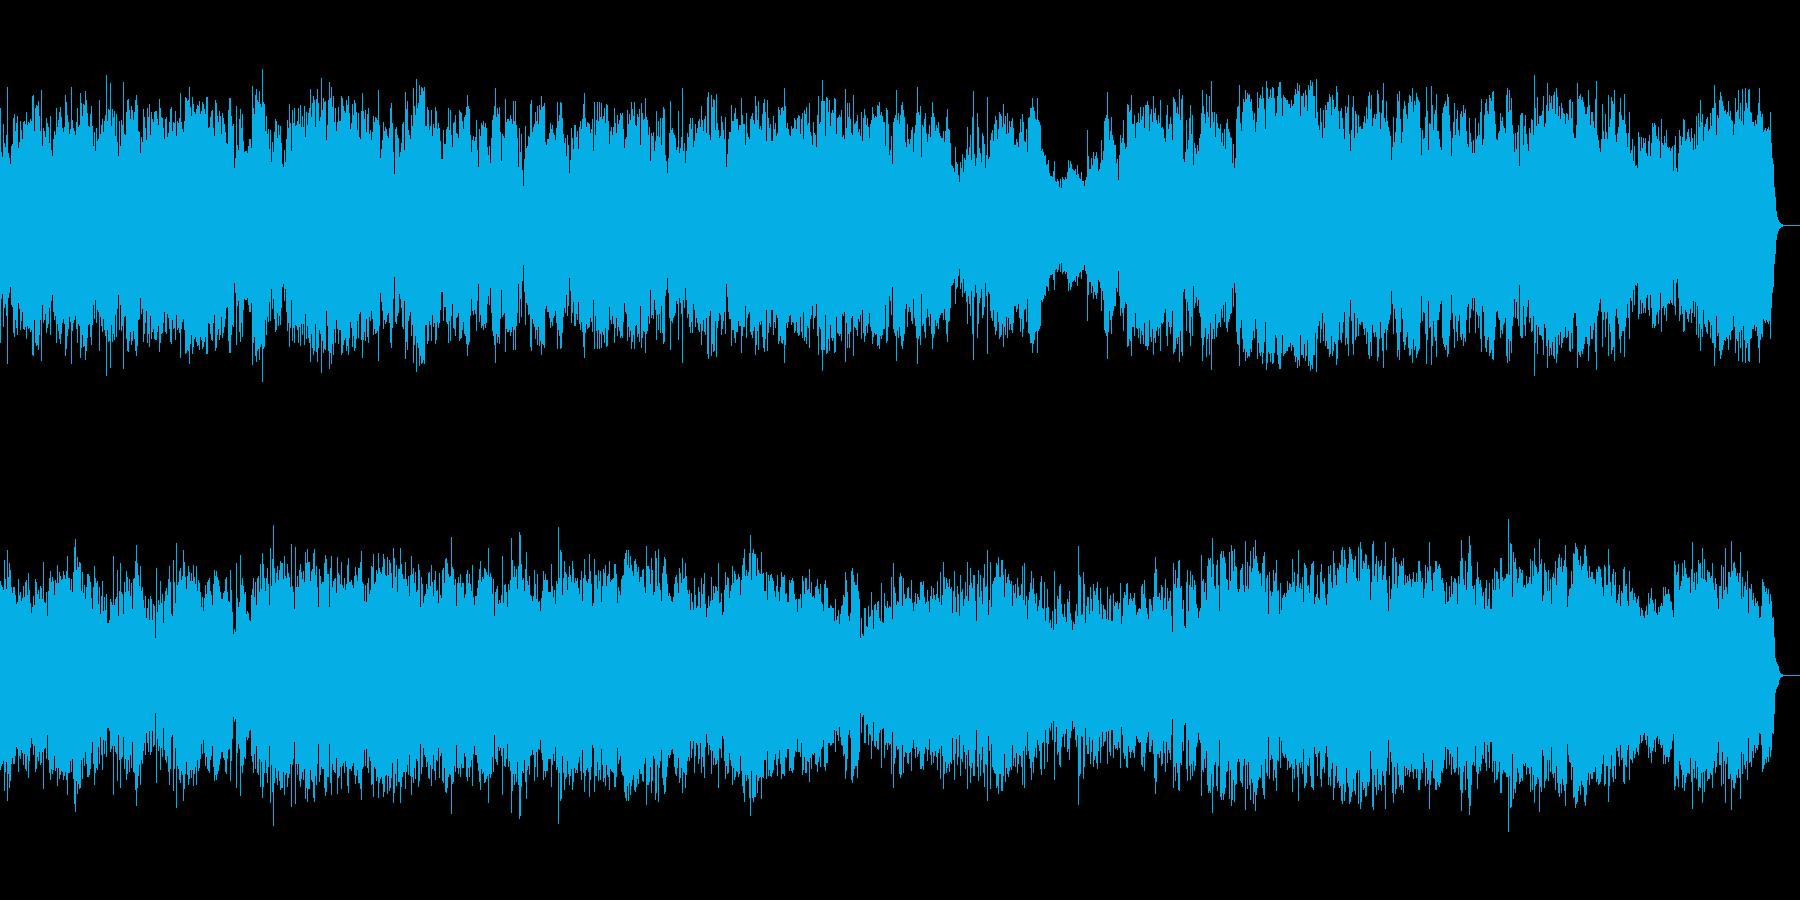 愛らしい木管五重奏の再生済みの波形